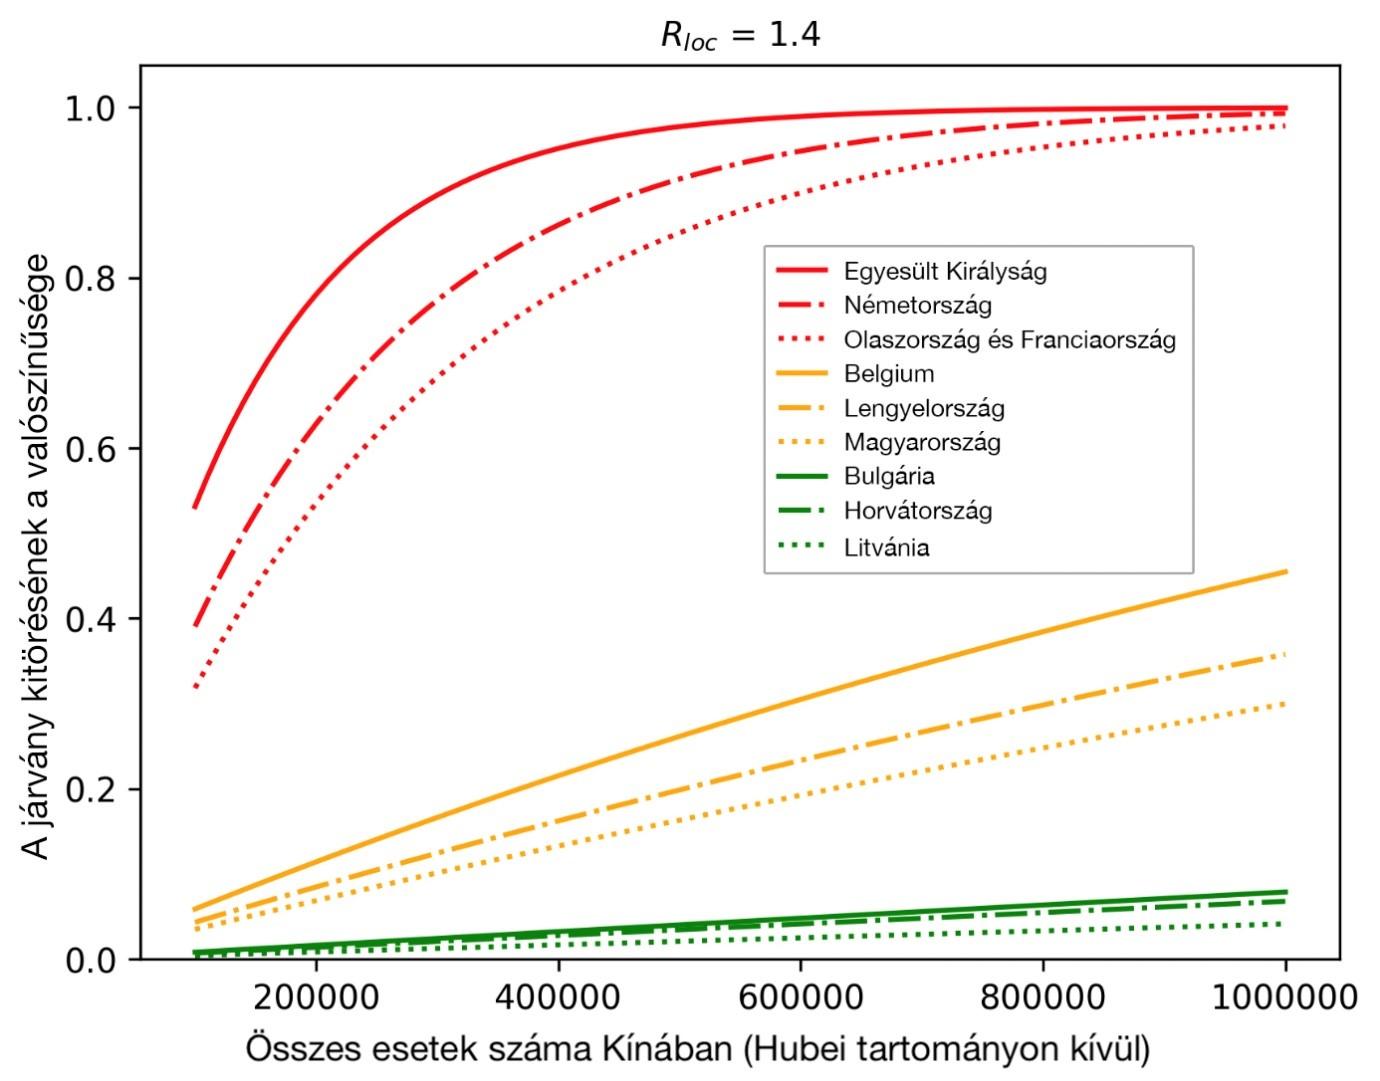 Inkubációs periódus toxoplazmózis dekódolása - nyelvprofil.hu